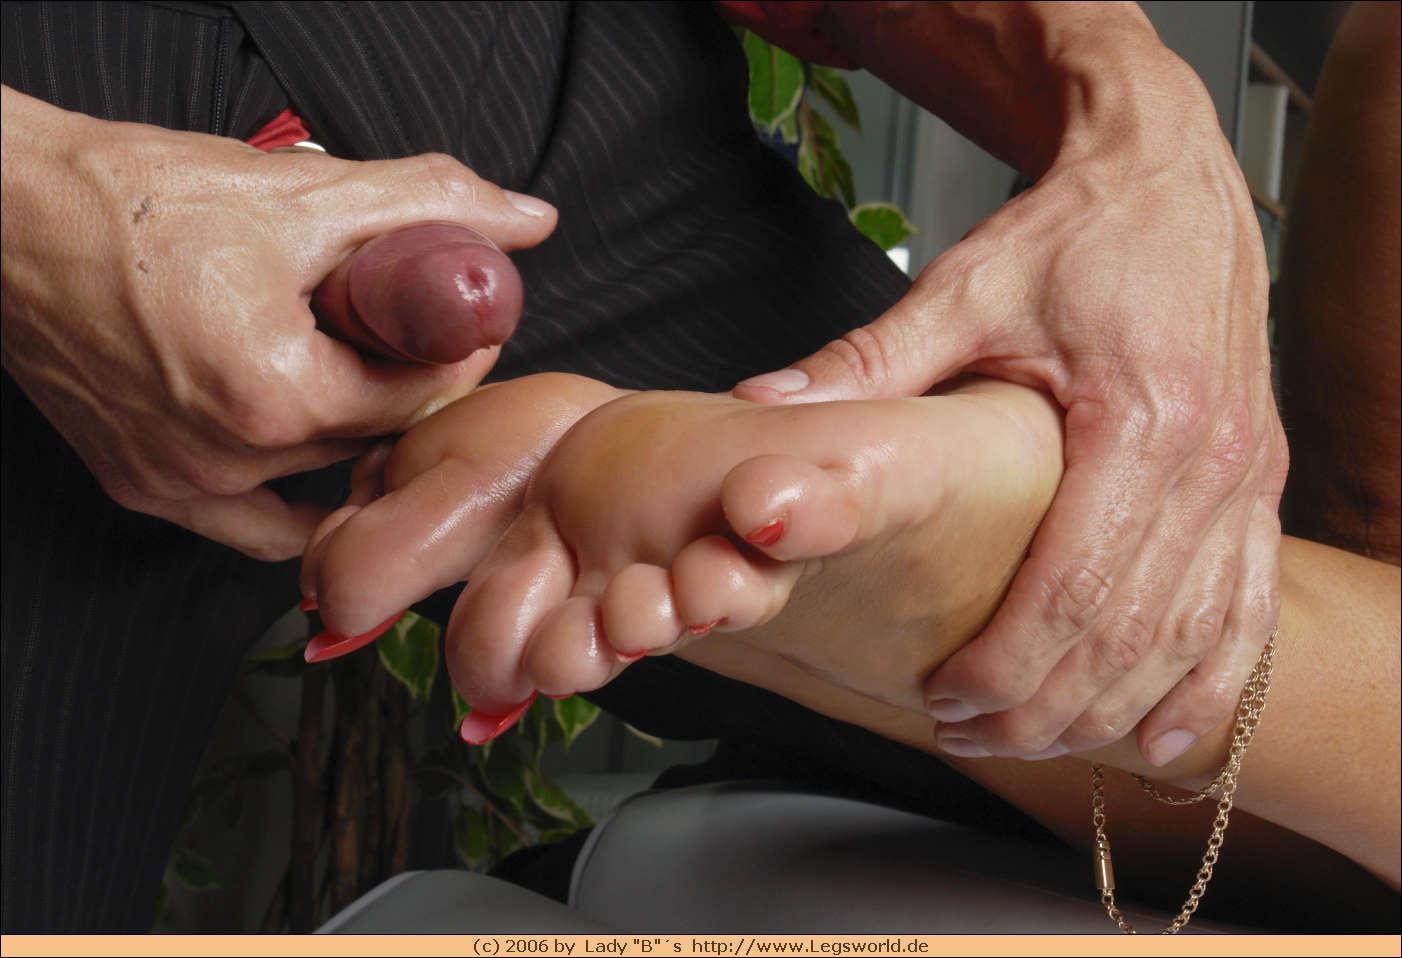 Vdeos Porno de Lady Barbara Feet YouPorncom